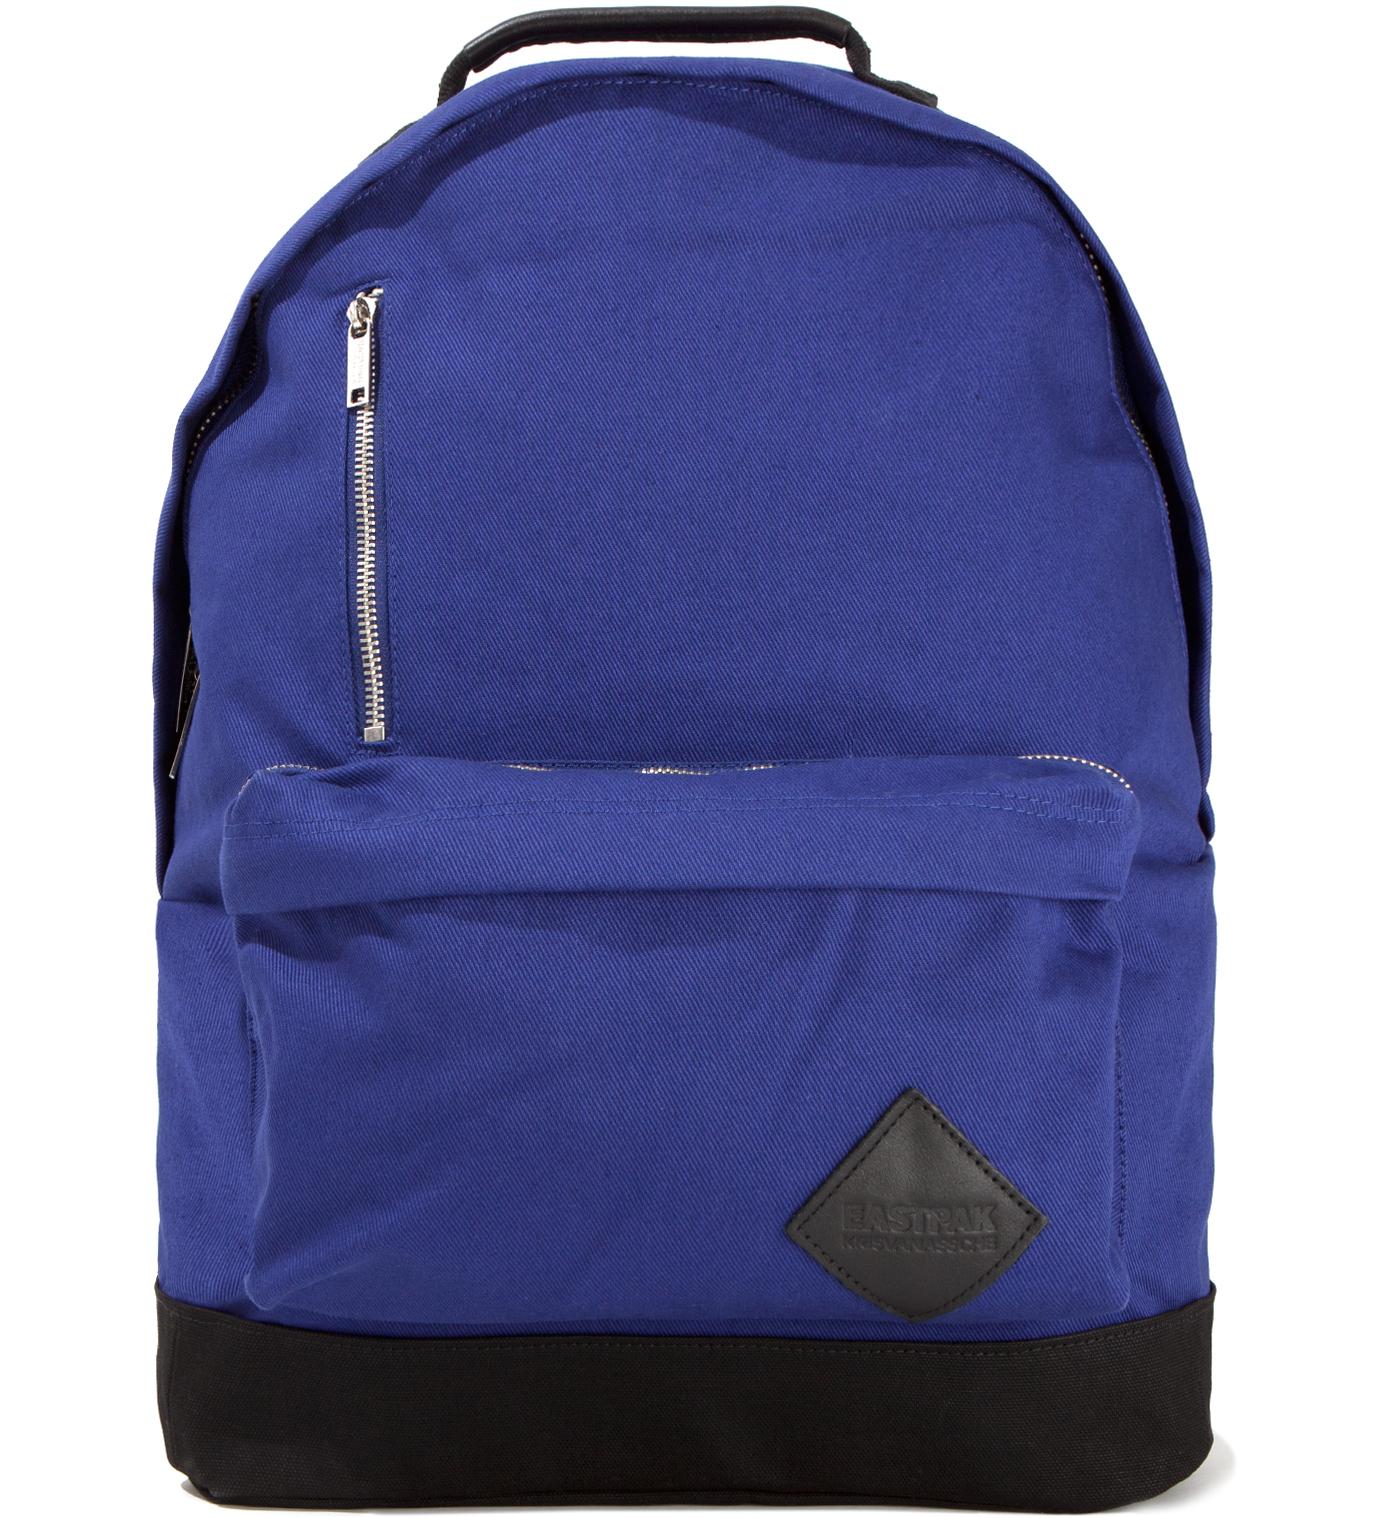 KRISVANASSCHE Eastpak KRISVANASSCHE Blue Cotton Backpack II